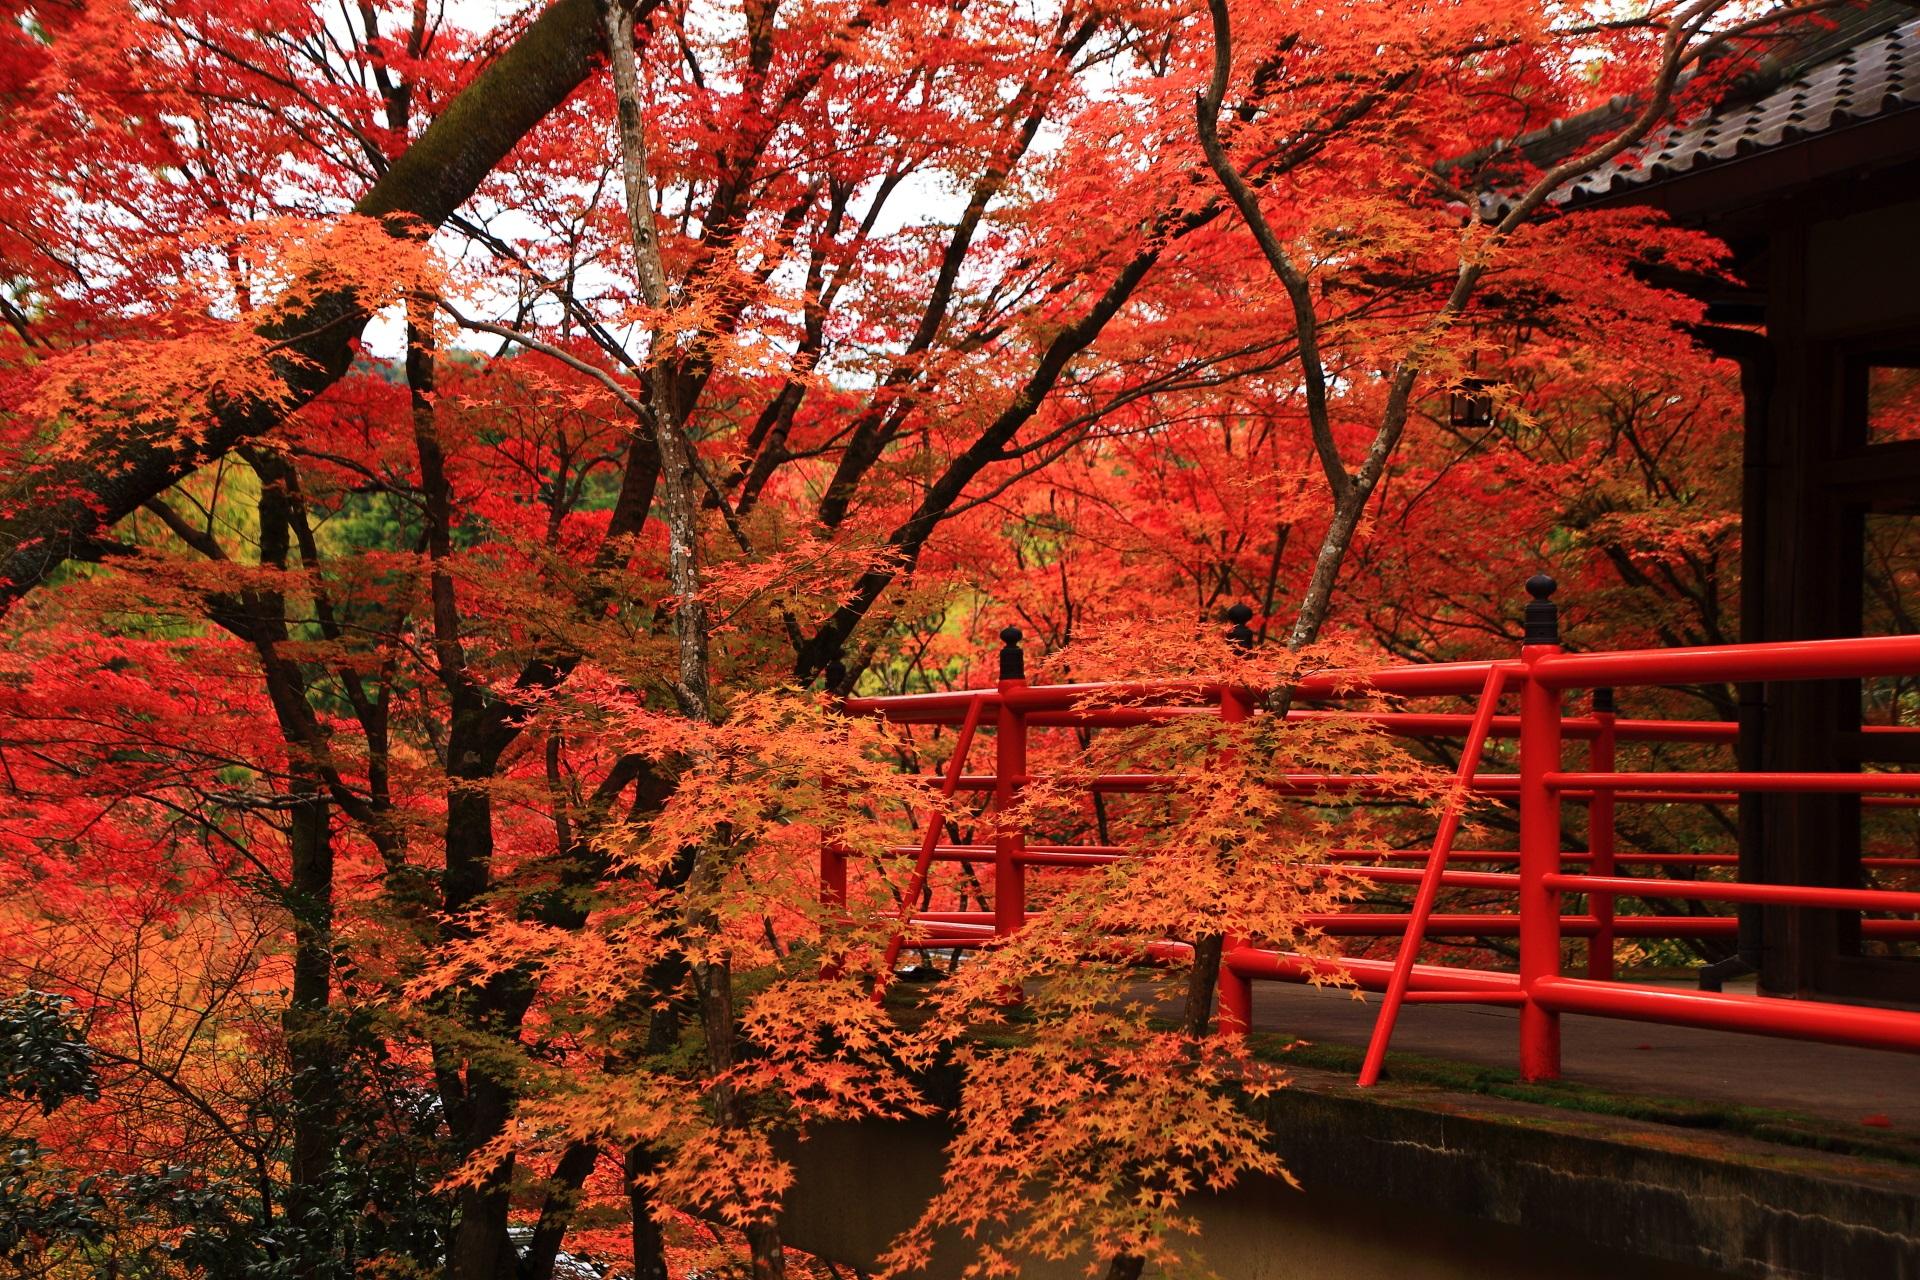 遠目から眺めた茶所の紅葉